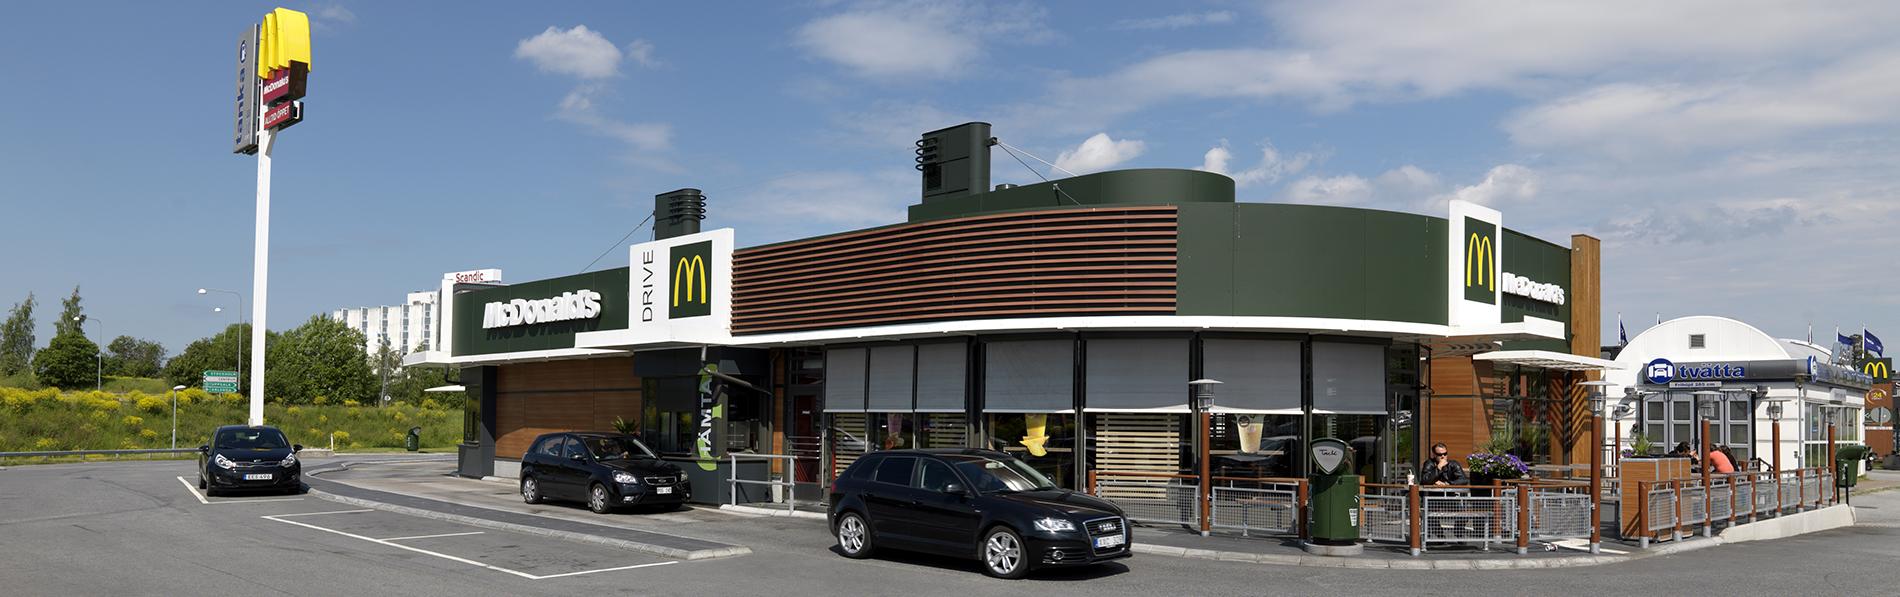 McDonald's Upplands Väsby